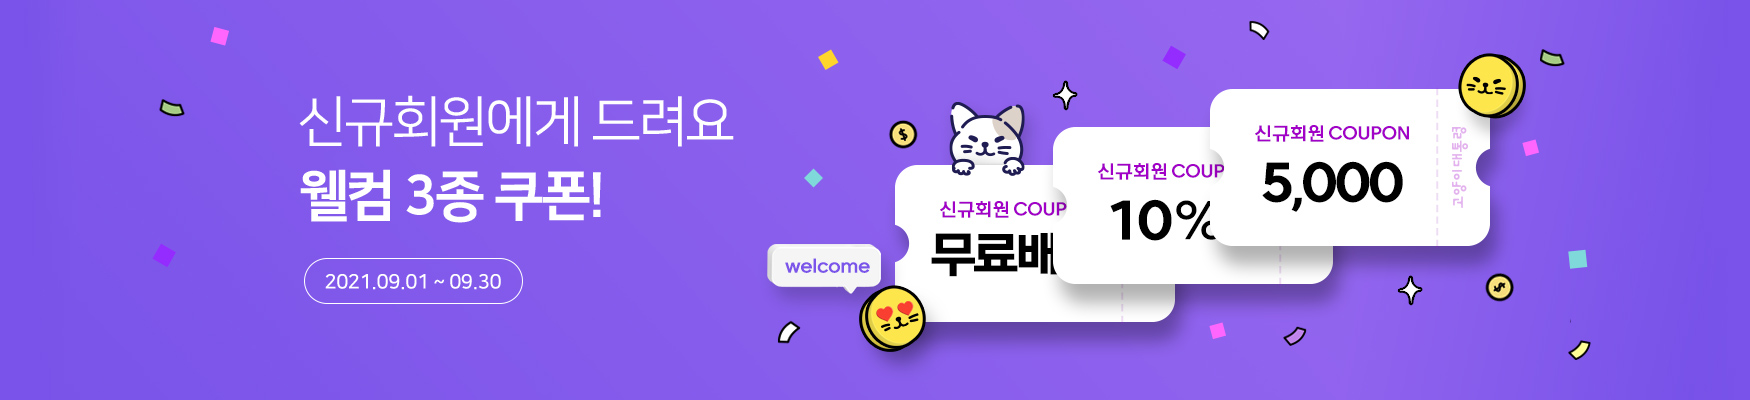 9월 신규회원 혜택, 쿠폰 3종!